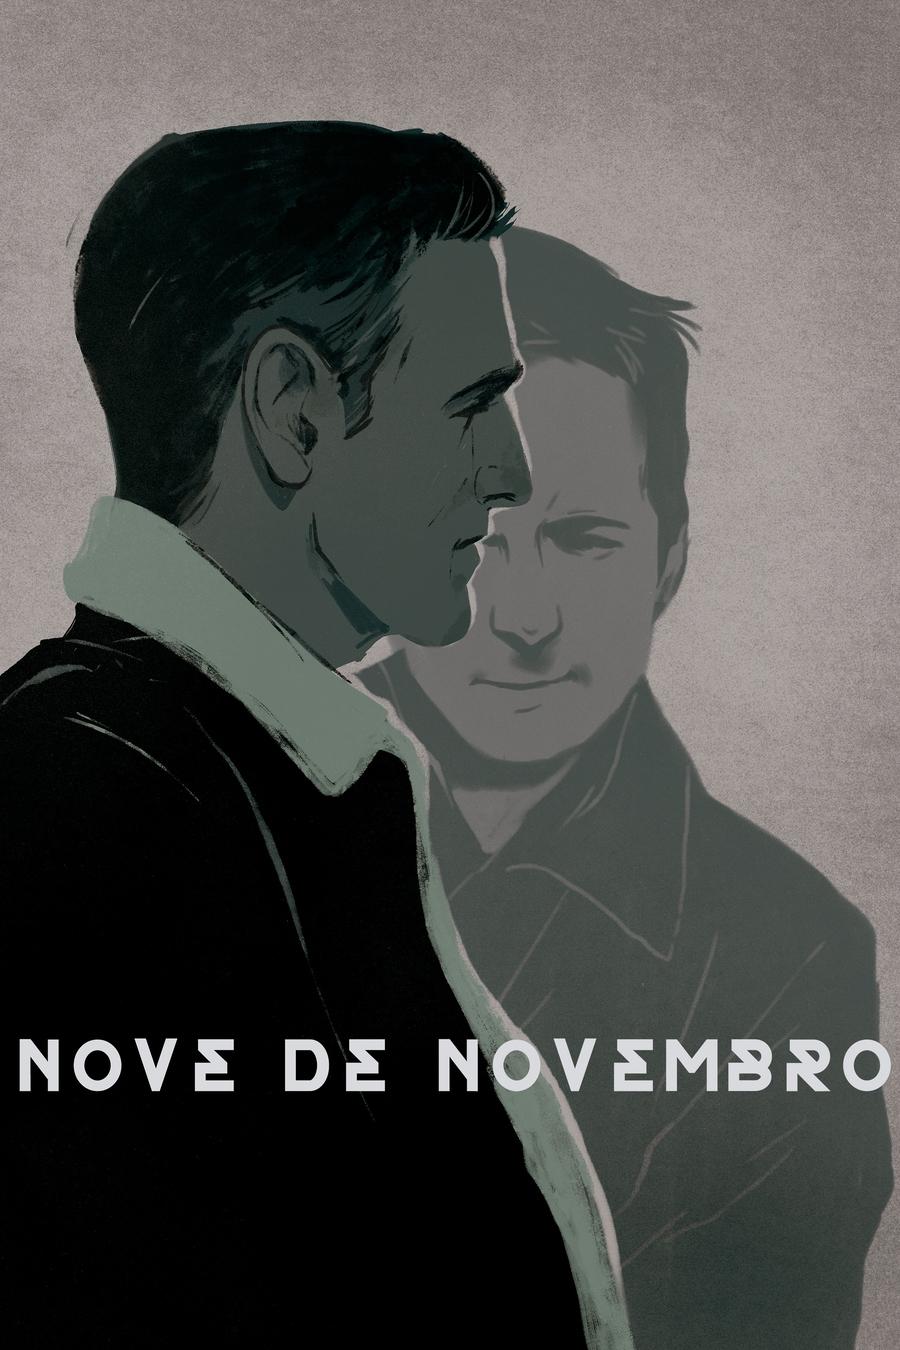 Nueve de noviembre